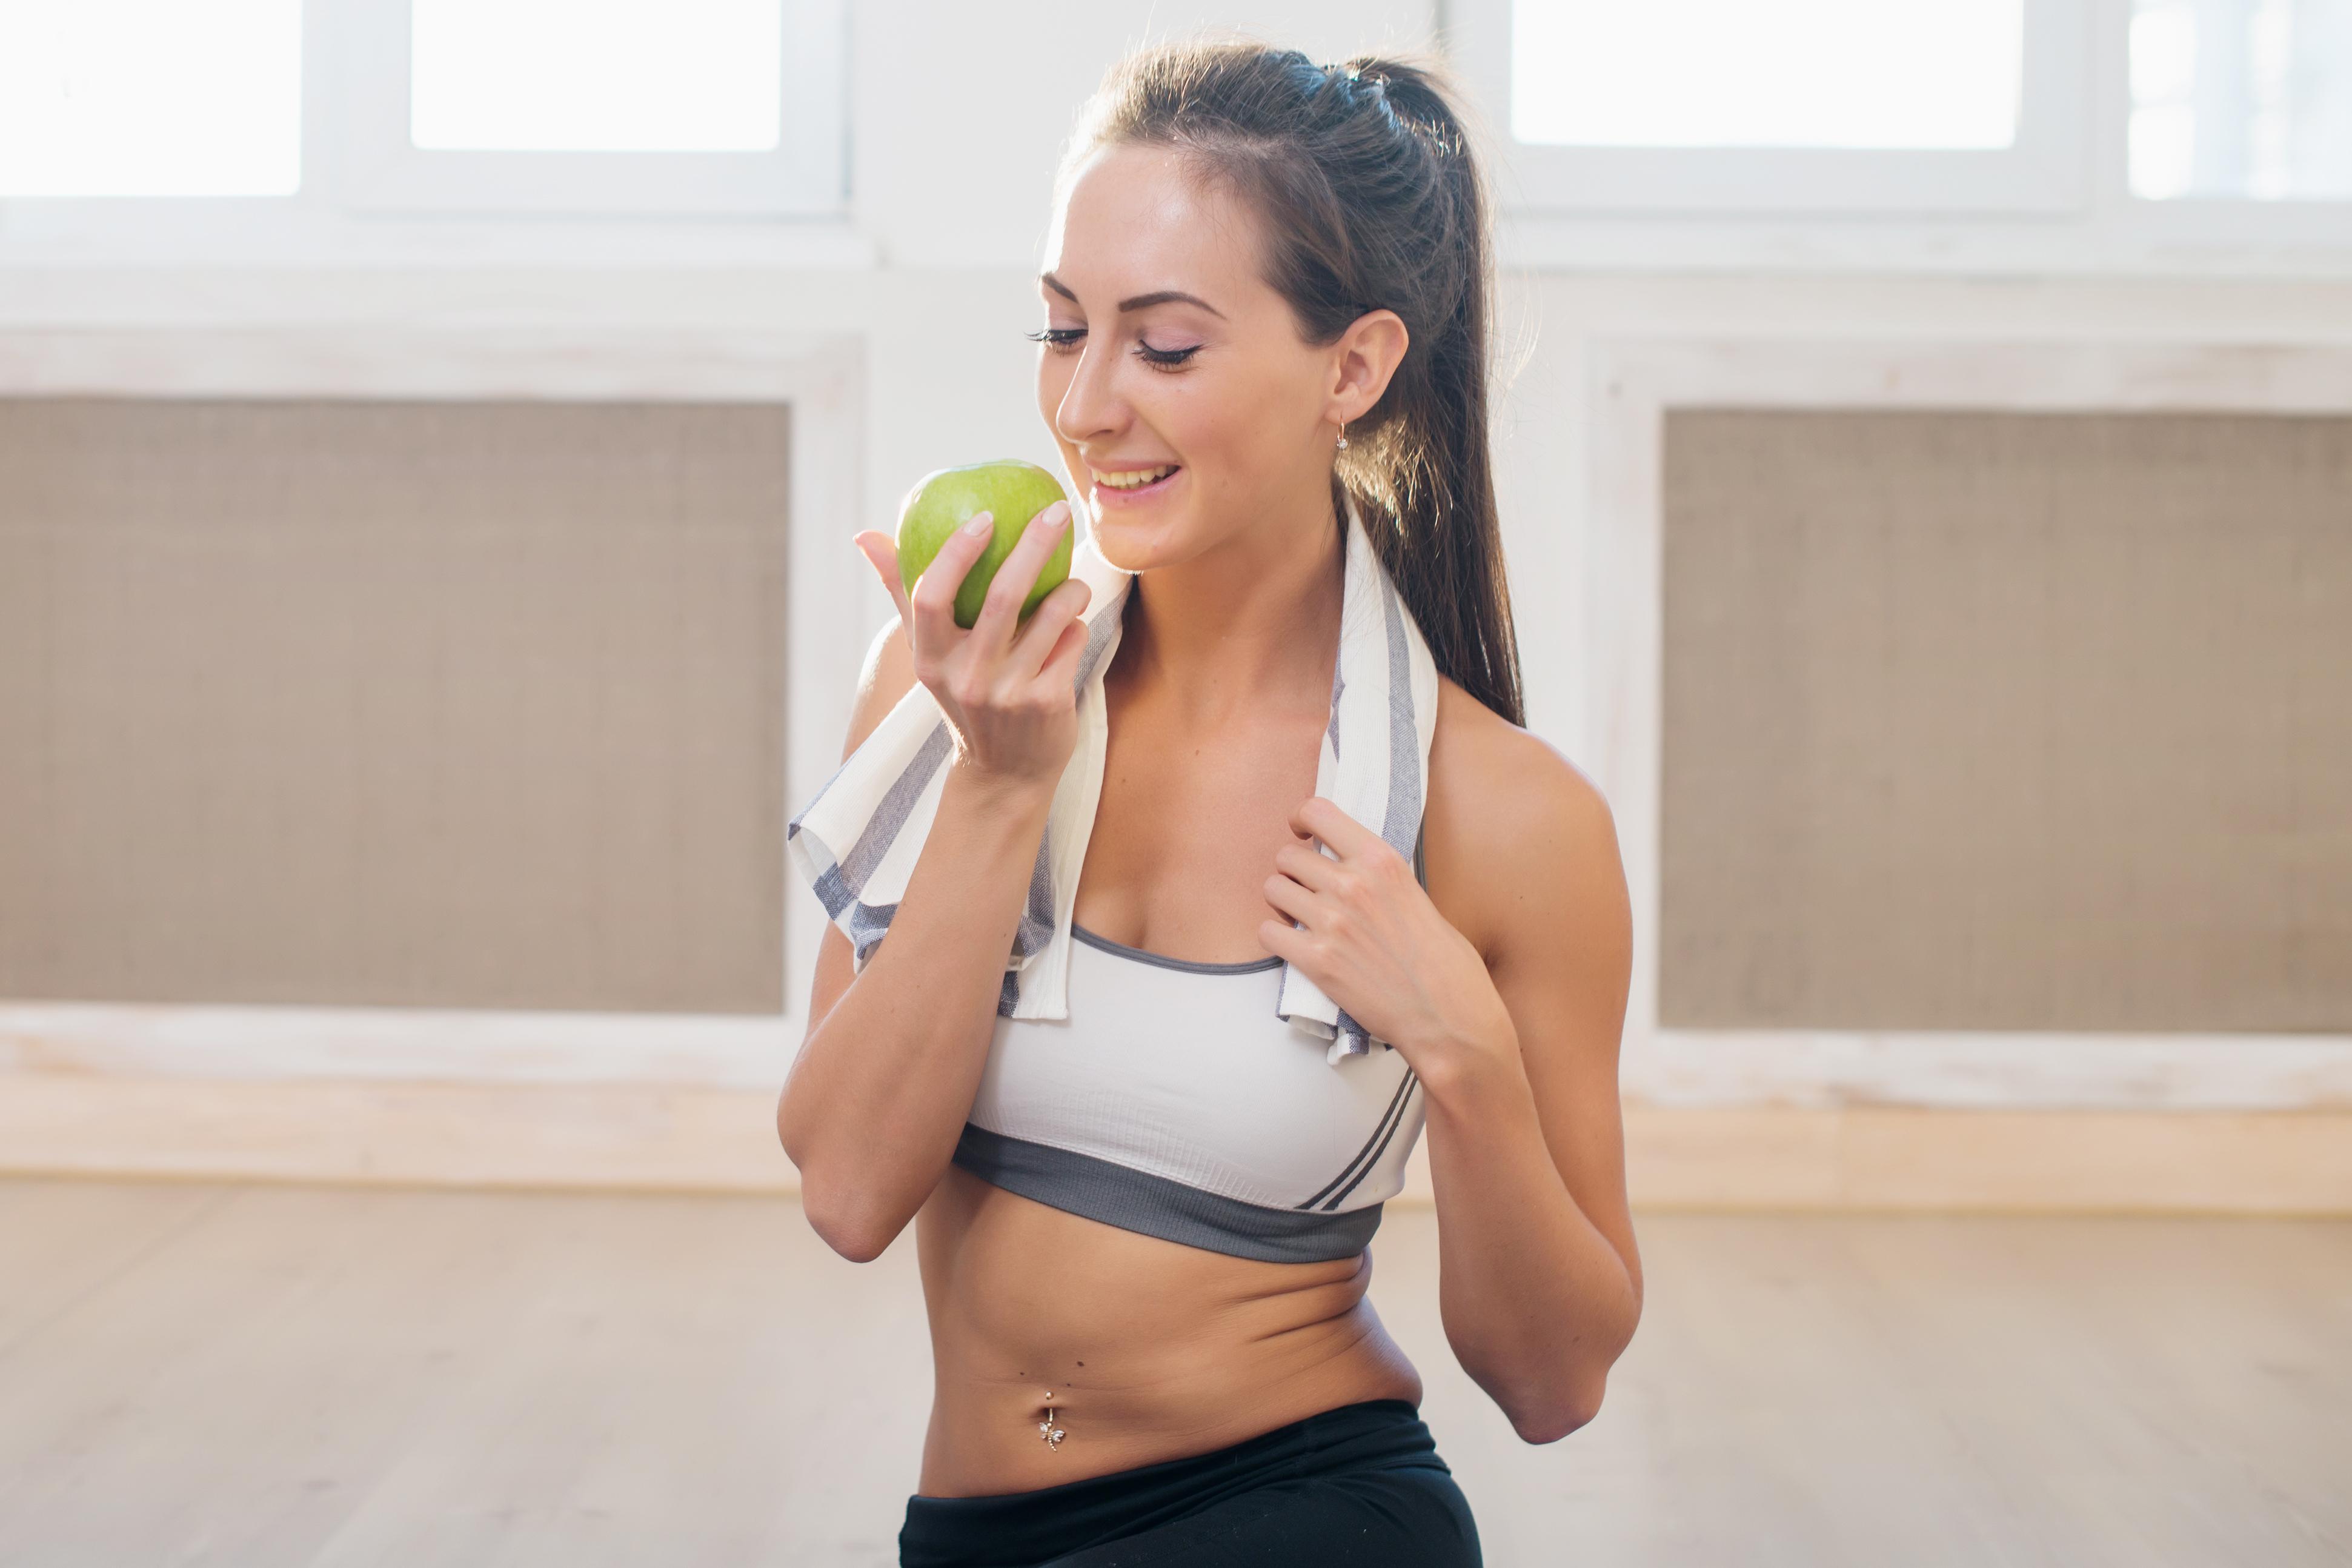 Fitness: Girl, Smile, Brunette, Woman, Fitness, Ponytail